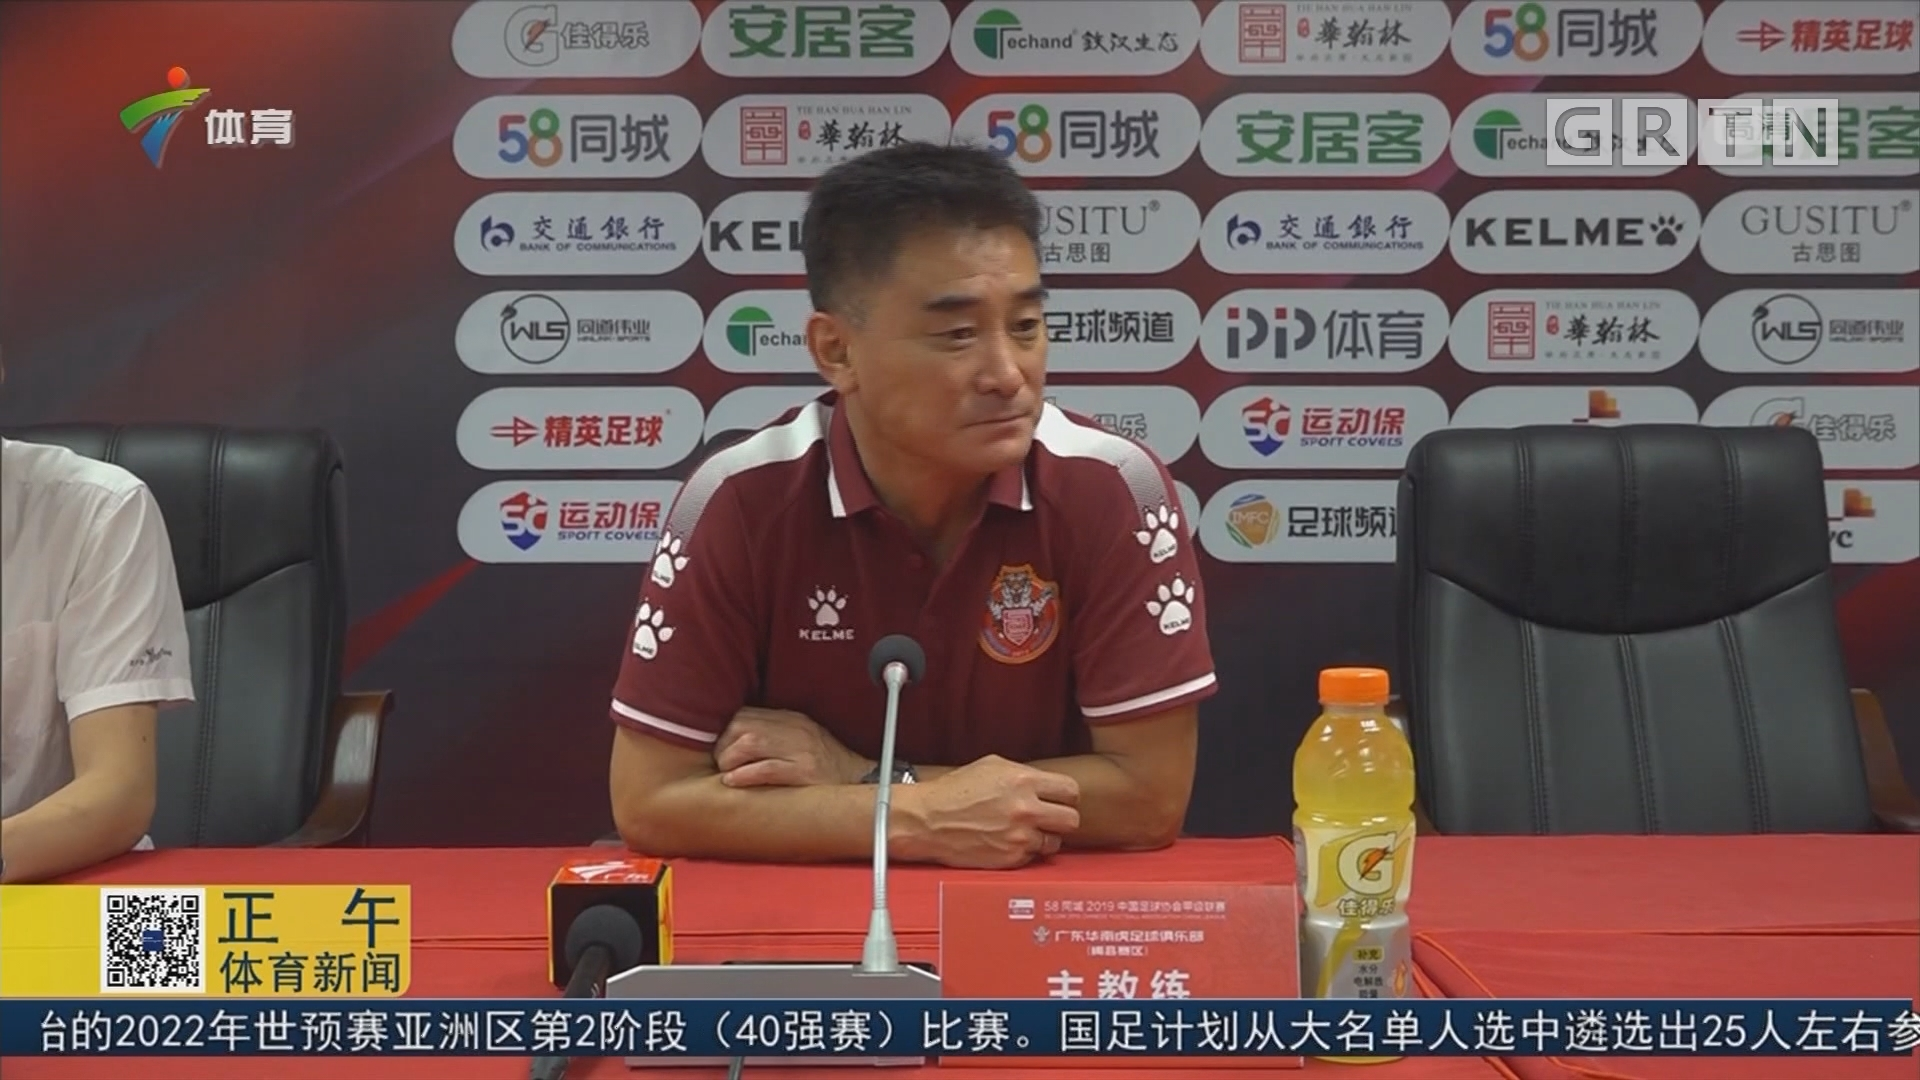 久违进球大战 广东华南虎惊险收获主场两连胜